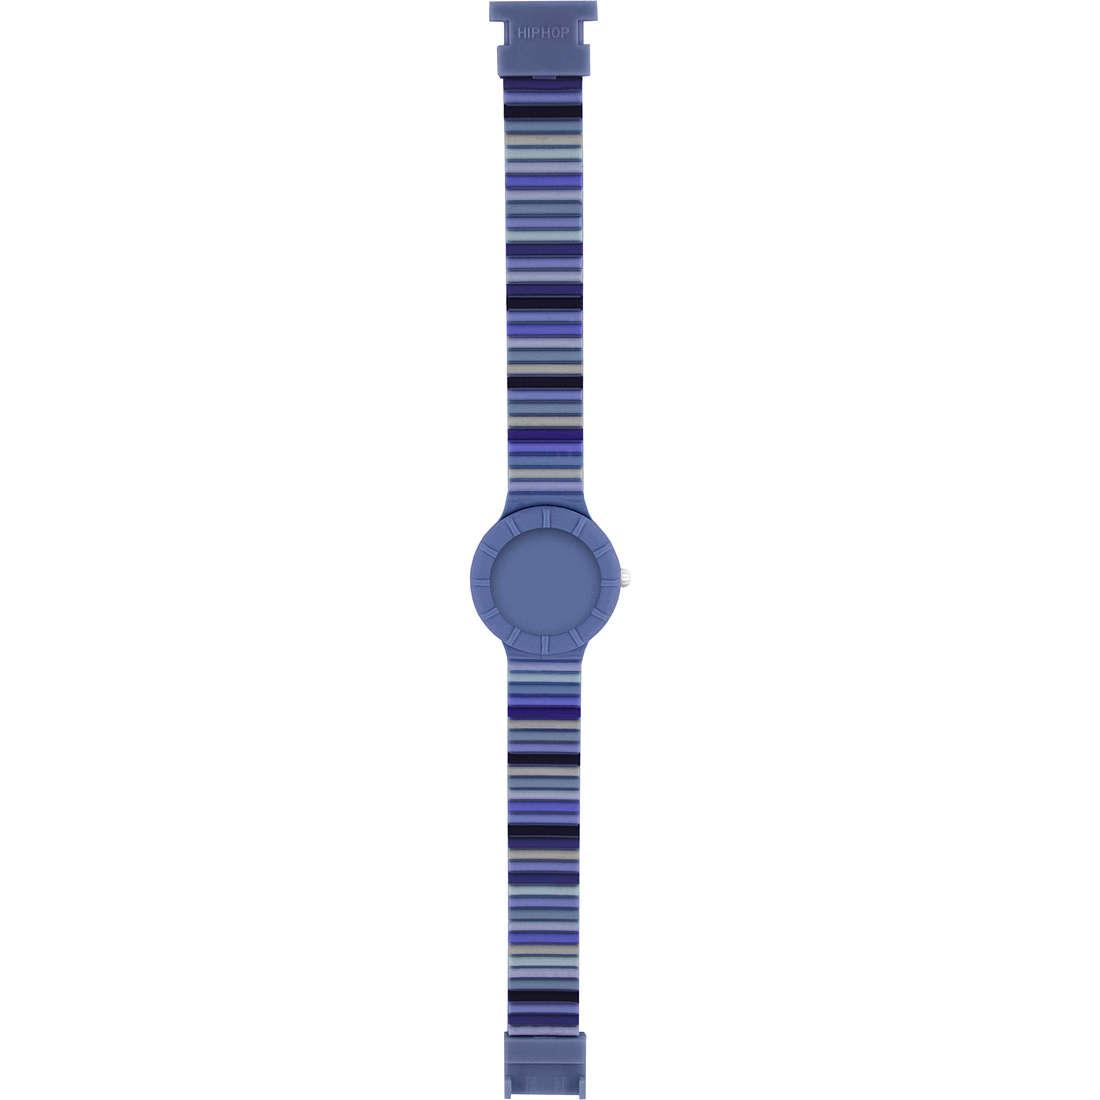 orologio accessorio unisex Hip Hop MIllerighe HBU0345